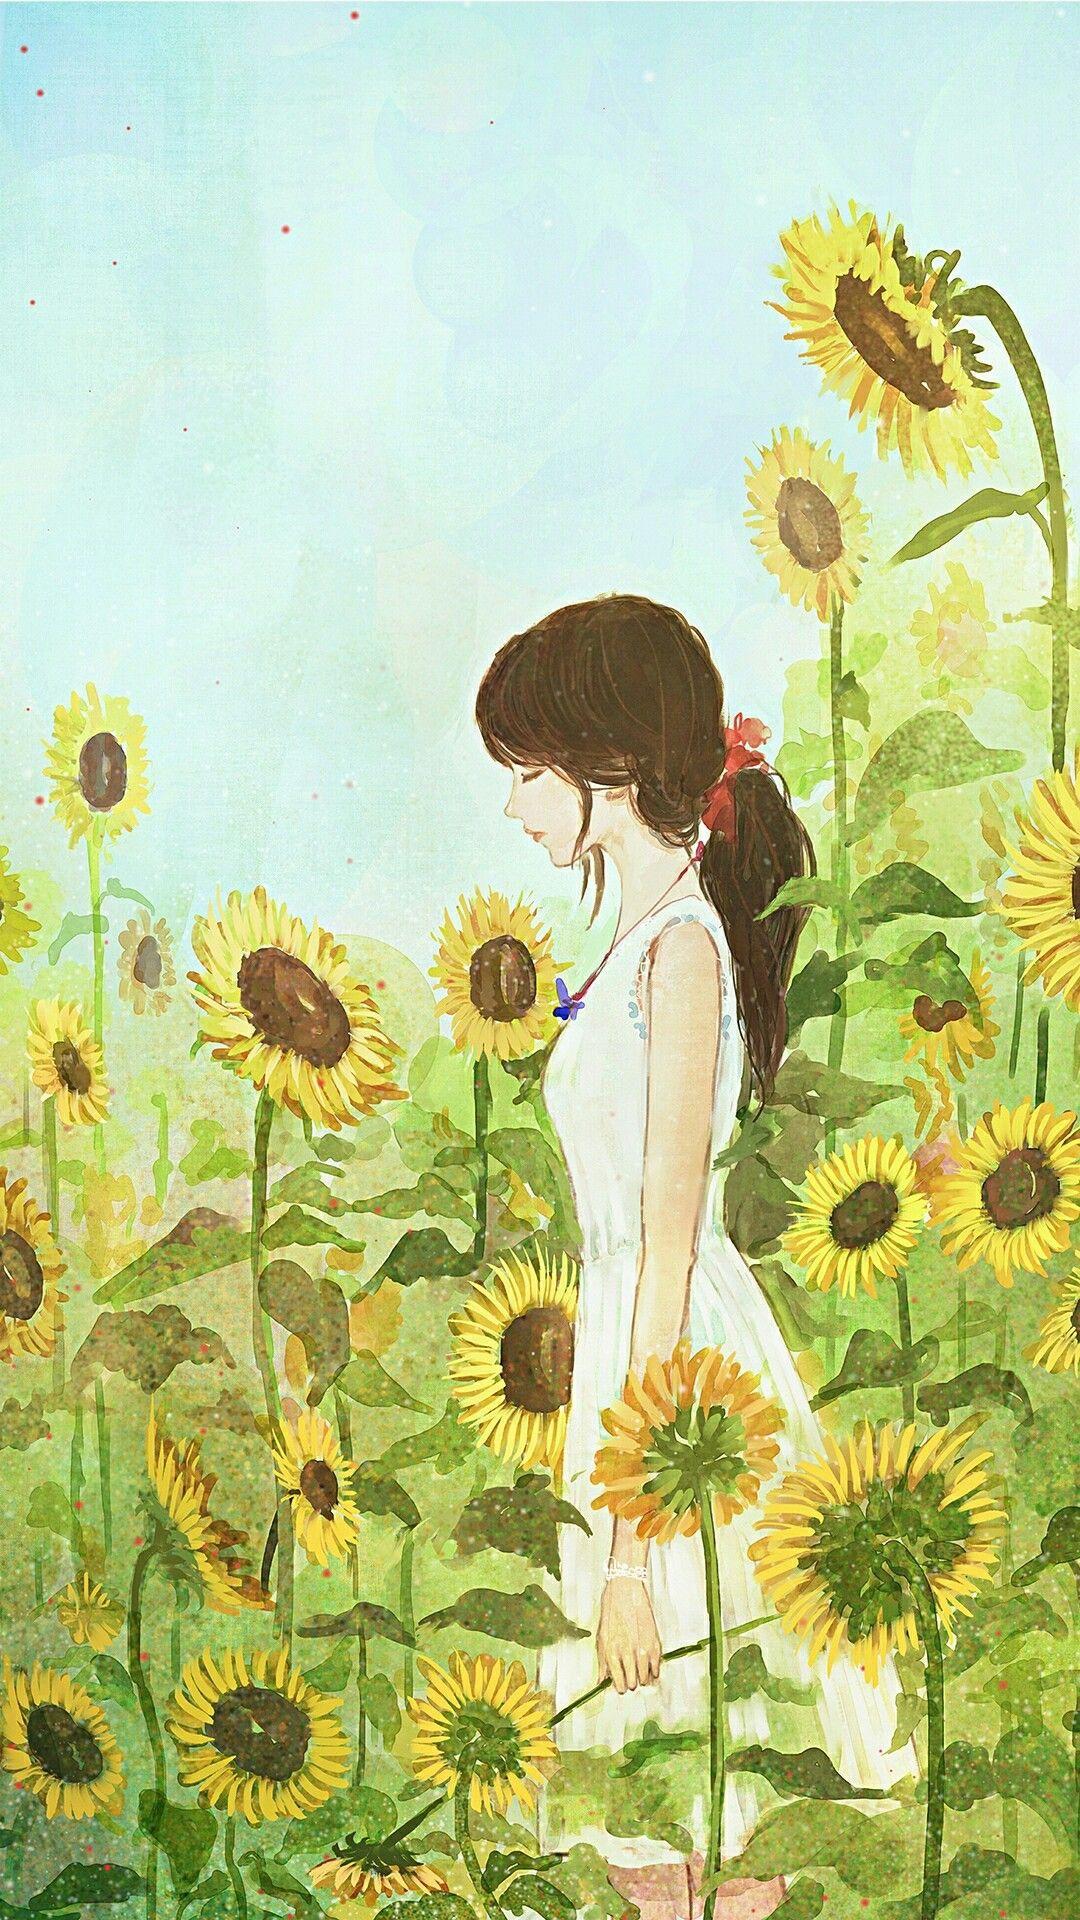 소녀 일러스트with sunflower 소녀 일러스트 Pinterest